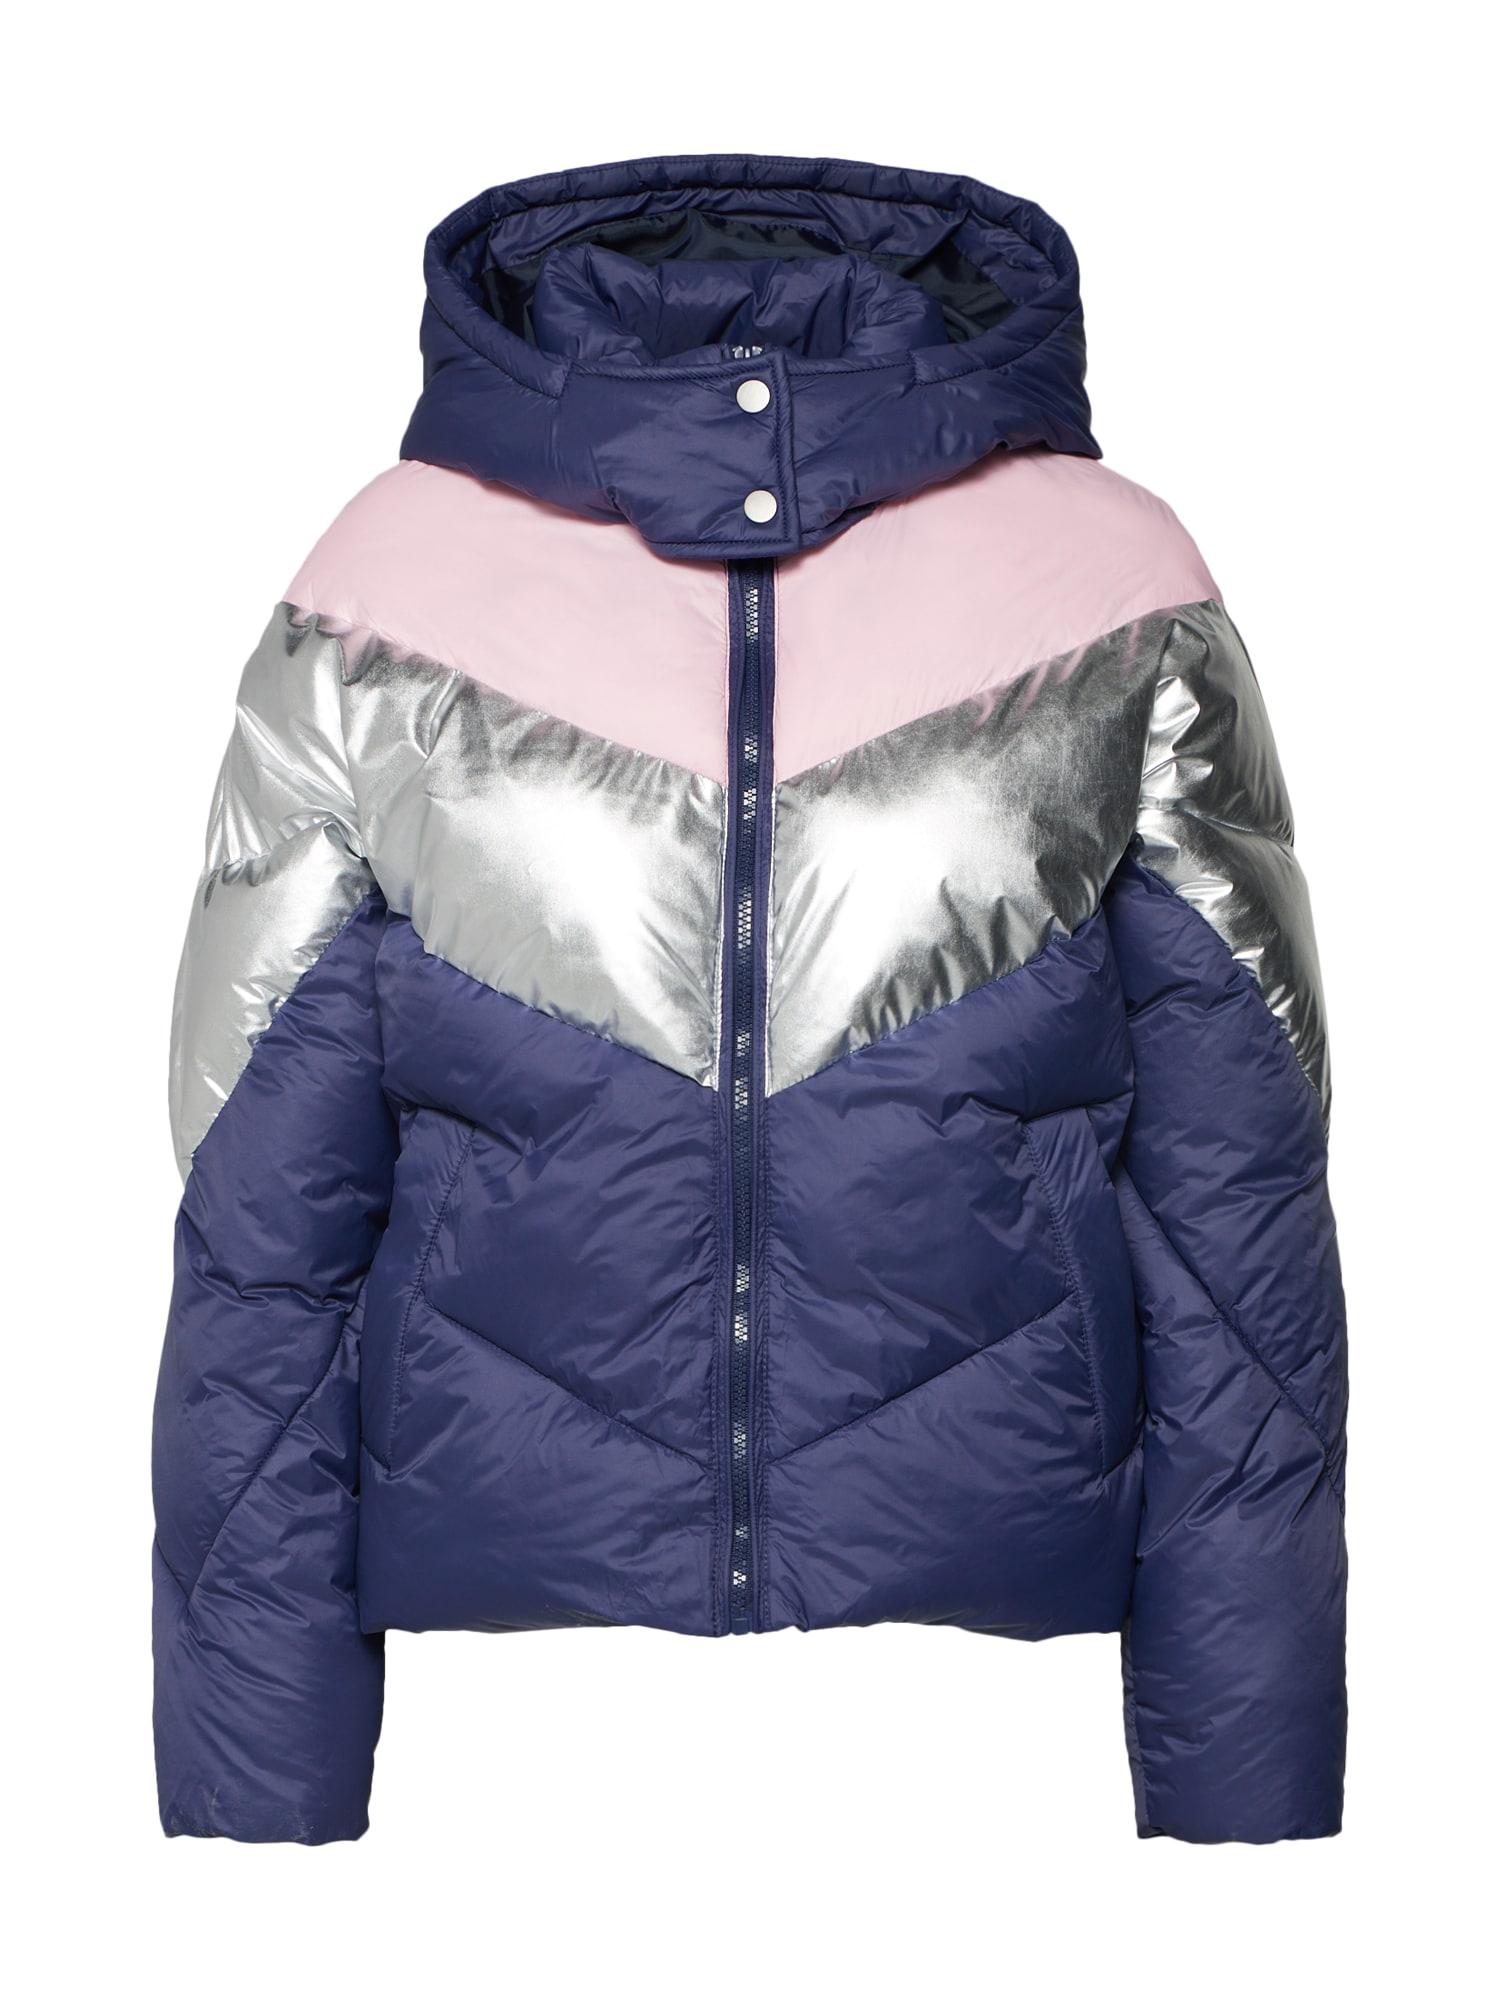 Merk Dames Winterjas.Dames Winterjassen Online Kopen Fashionchick Nl Groot Aanbod